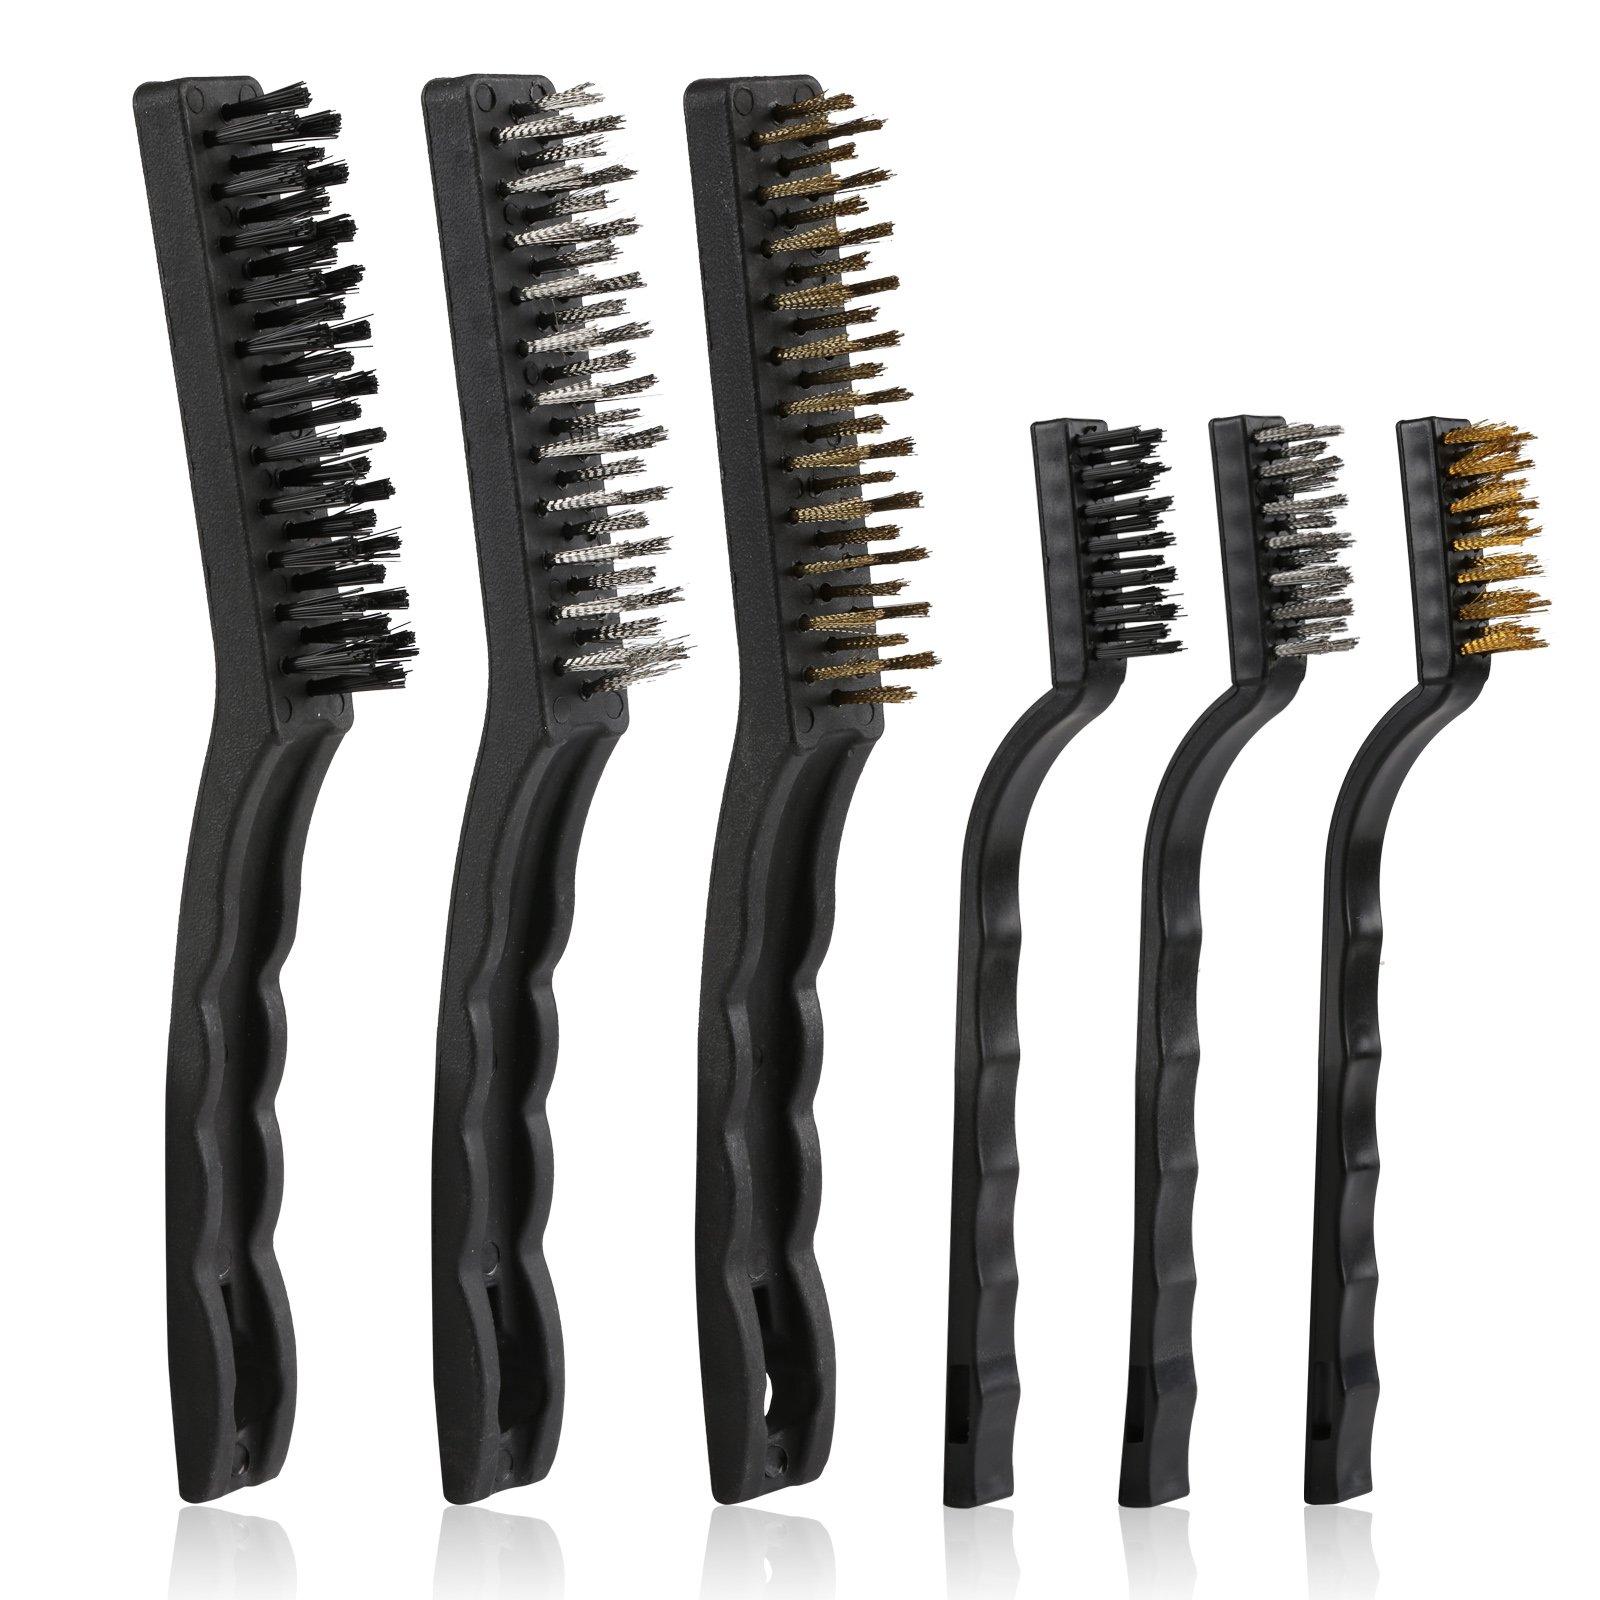 0.012 Carbon Steel 4-1//2 Brush Part Length 1-3//4 OD PFERD 89654 2 Double Spiral Flue Brush